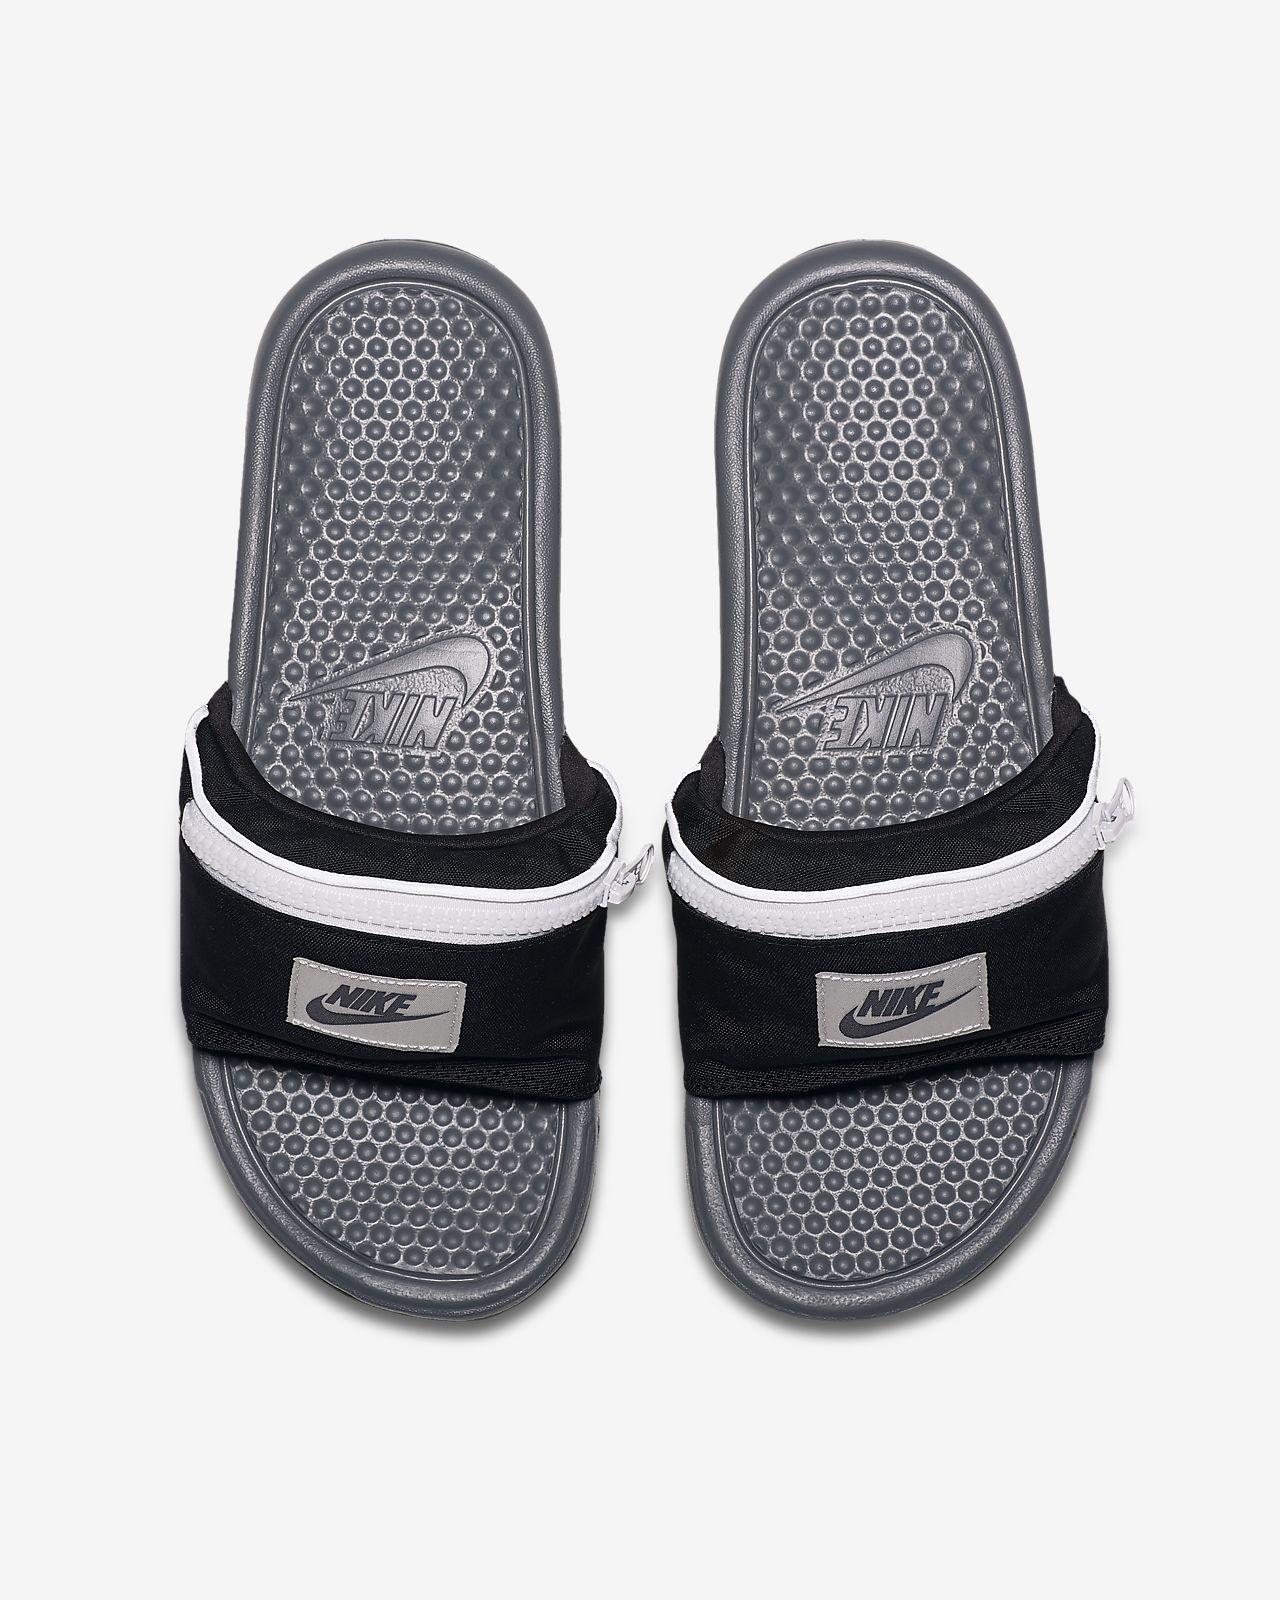 d9d4809725 Sandalia para hombre Nike Benassi JDI Fanny Pack. Nike.com MX